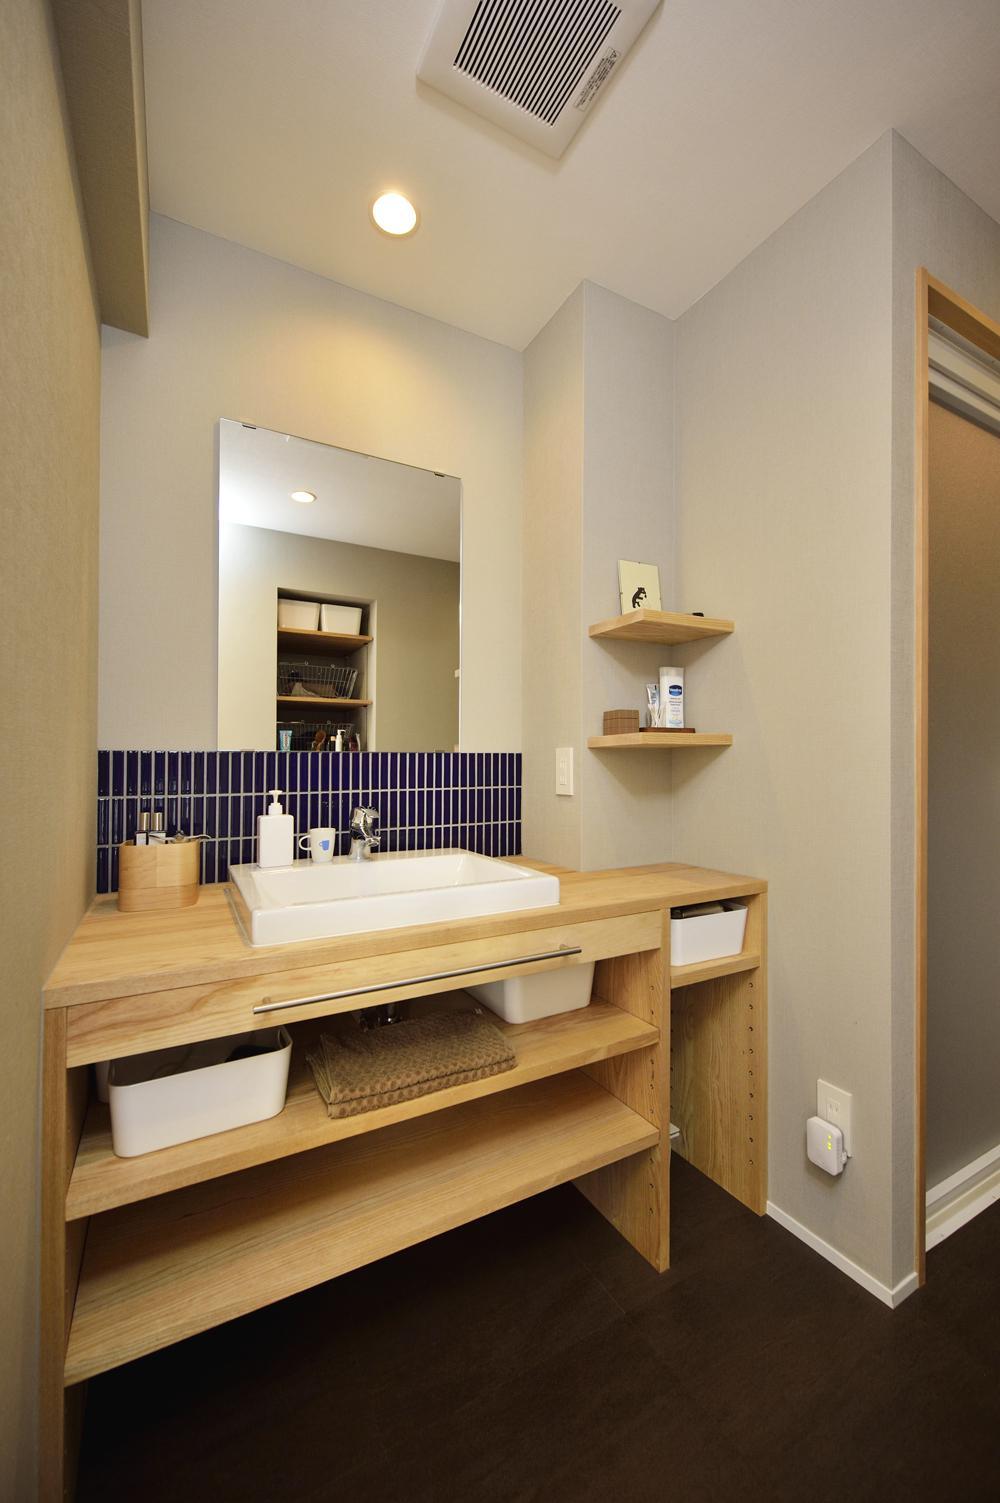 リフォーム・リノベーション会社:スタイル工房「K邸・暮しを彩る収納のある家」